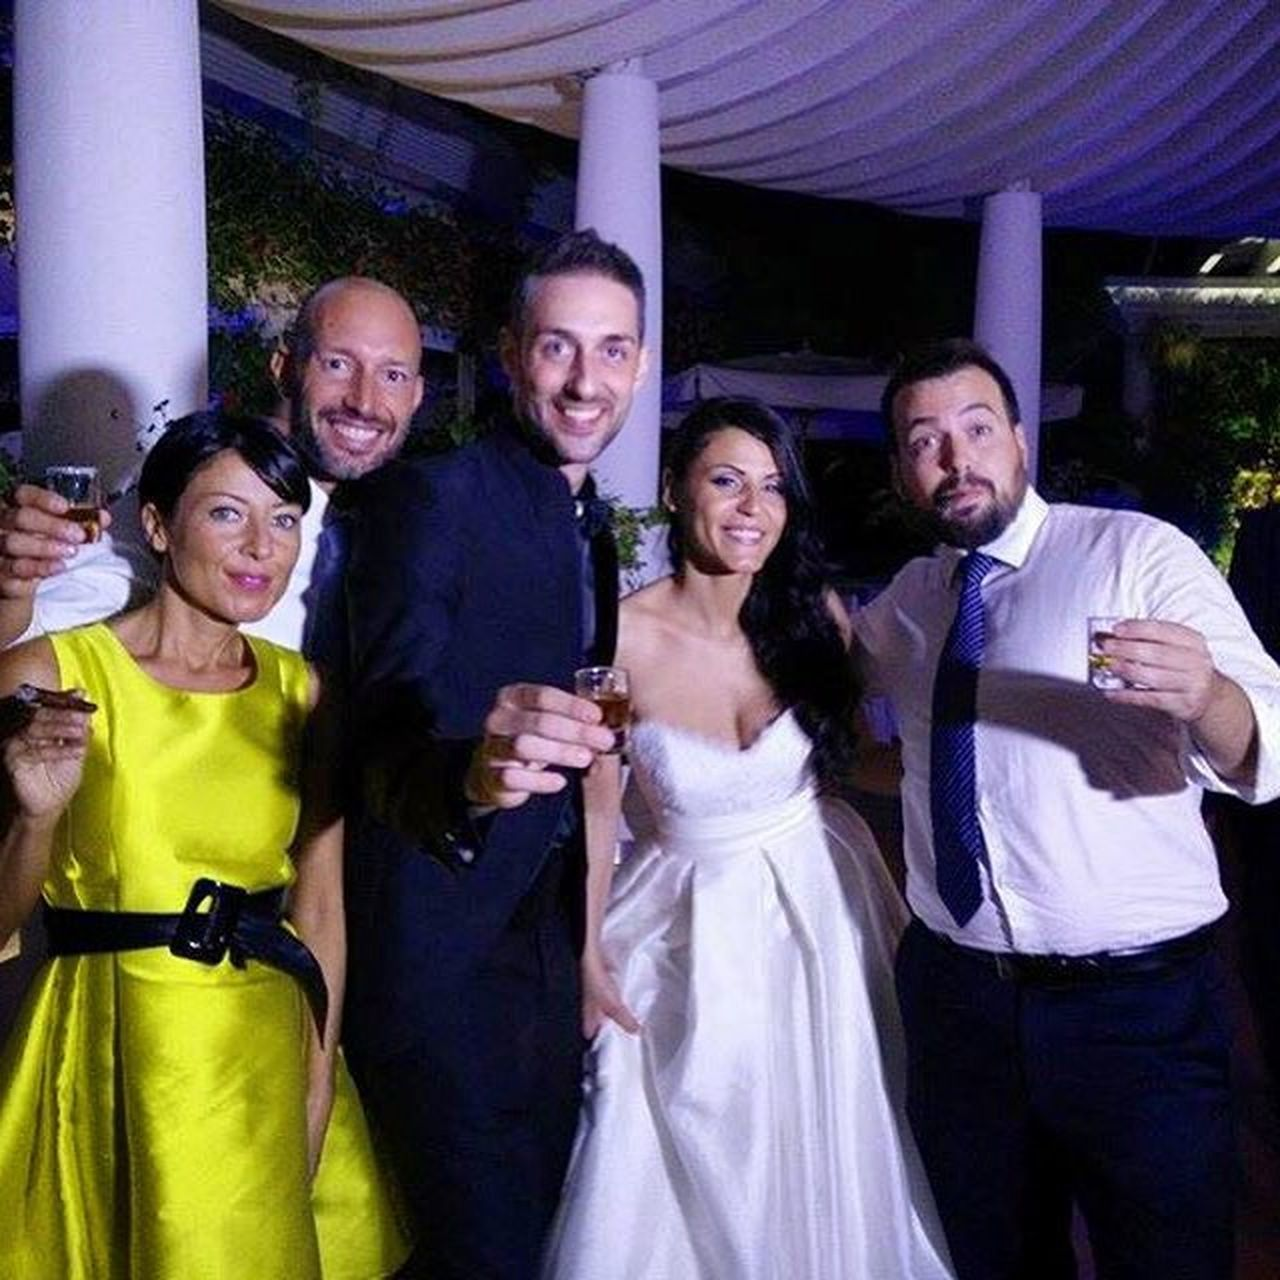 Matrimonio Grazieditutto Allaprossima Villaregina Pieroemarghe Notteatutti